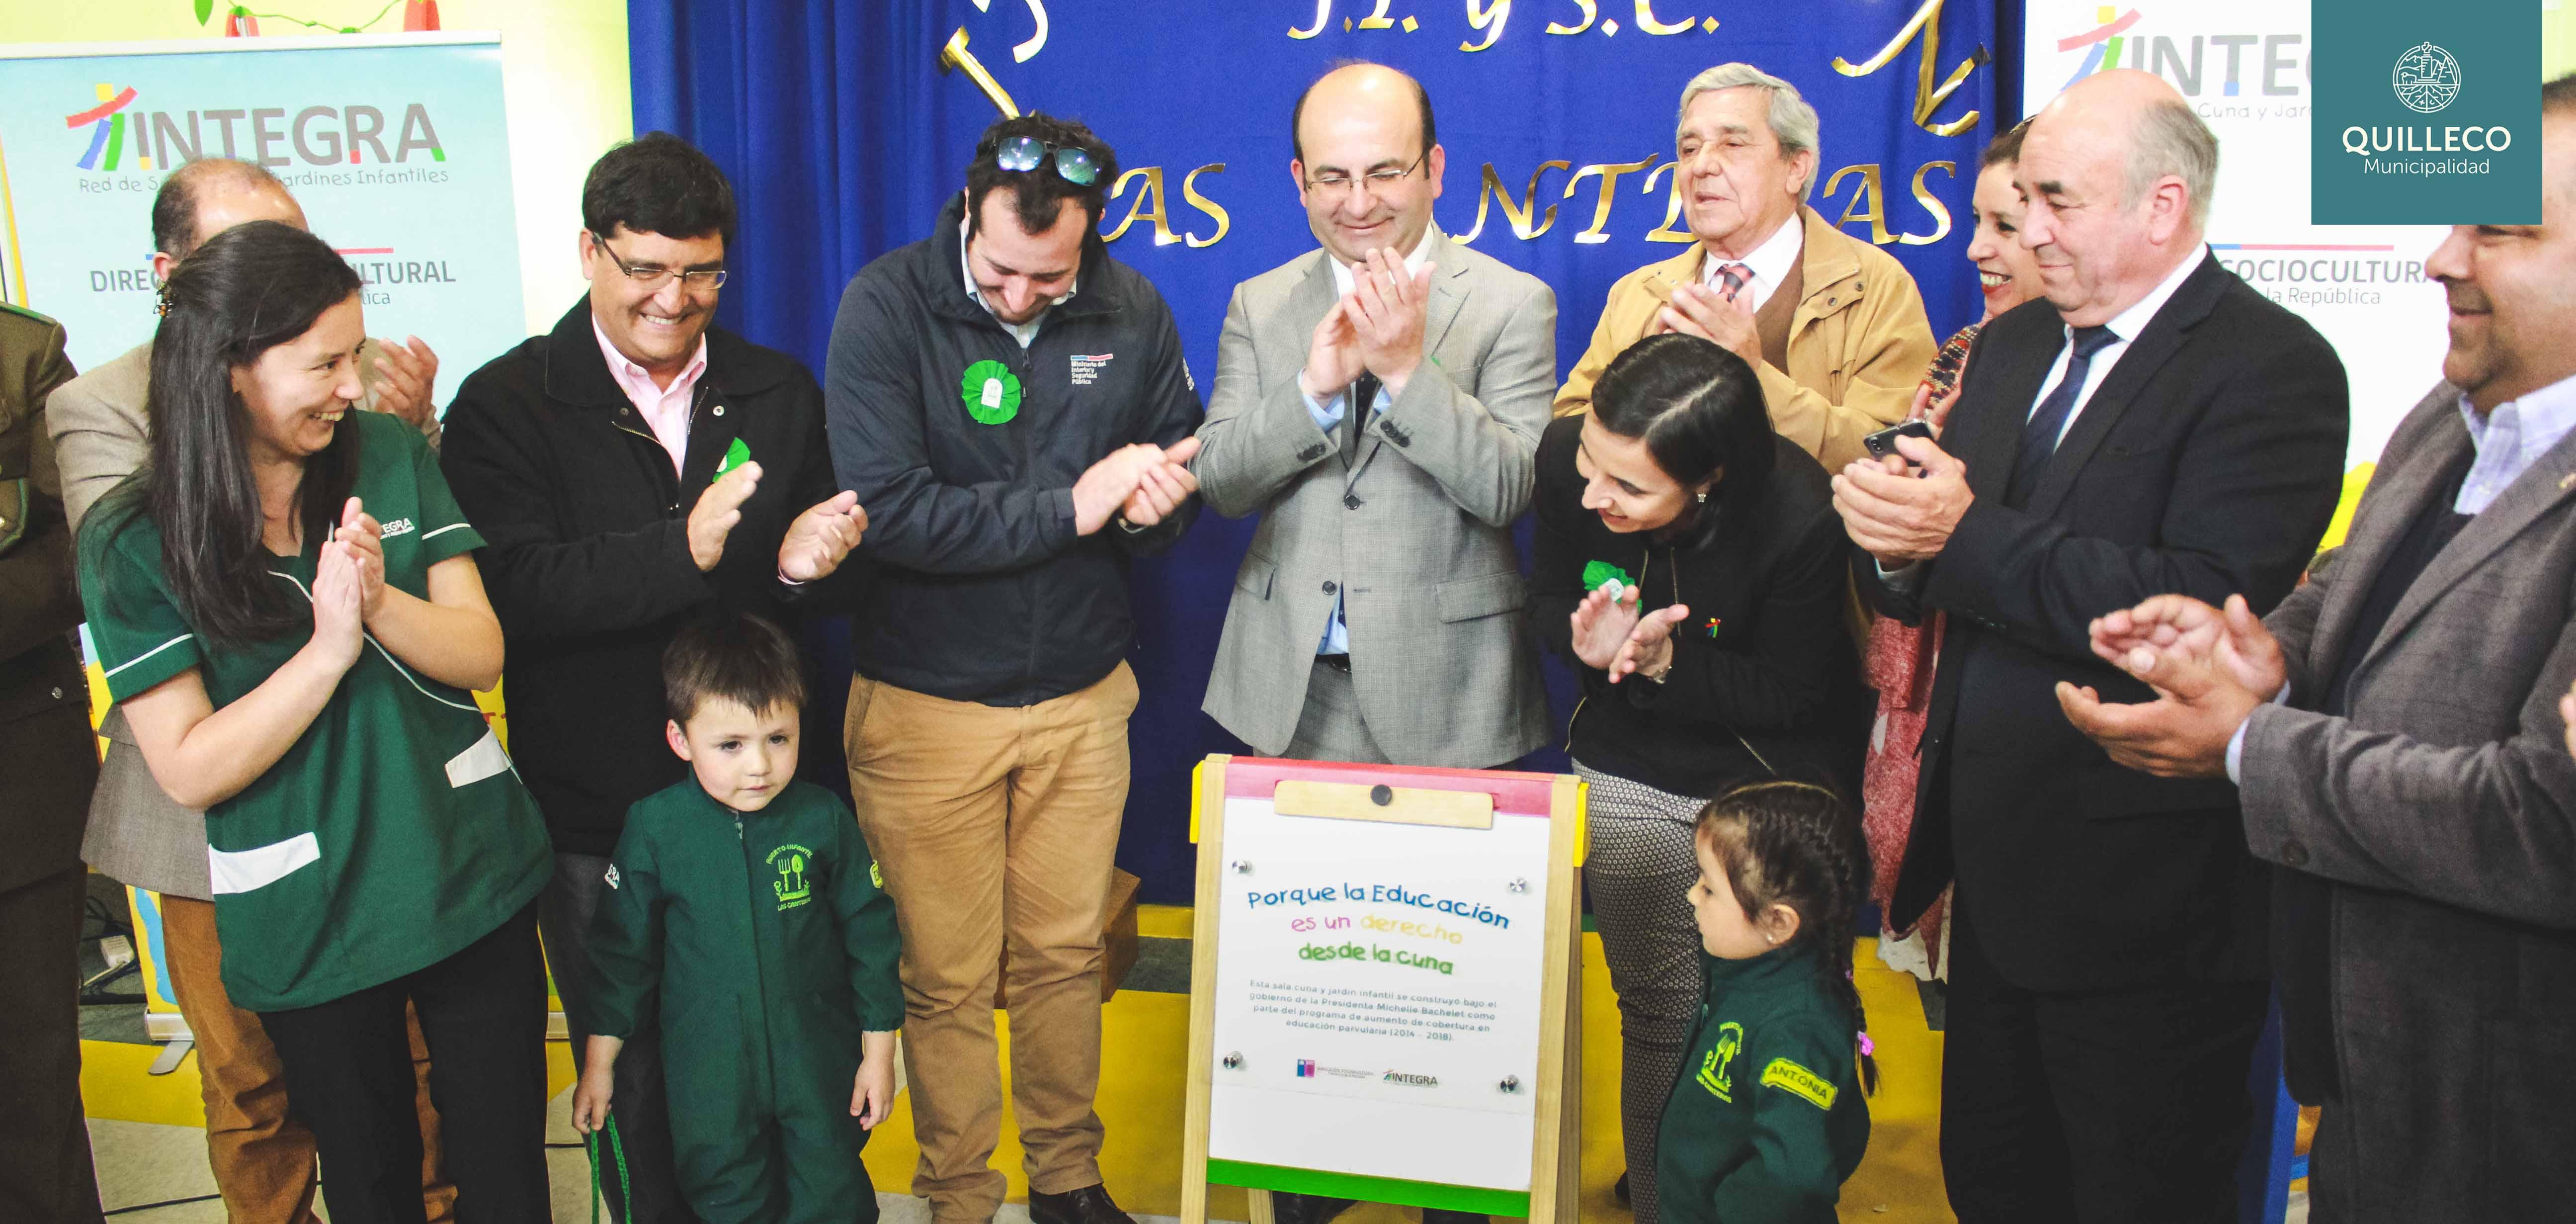 Inauguración del nuevo jardín infantil de INTEGRA en Las Canteras